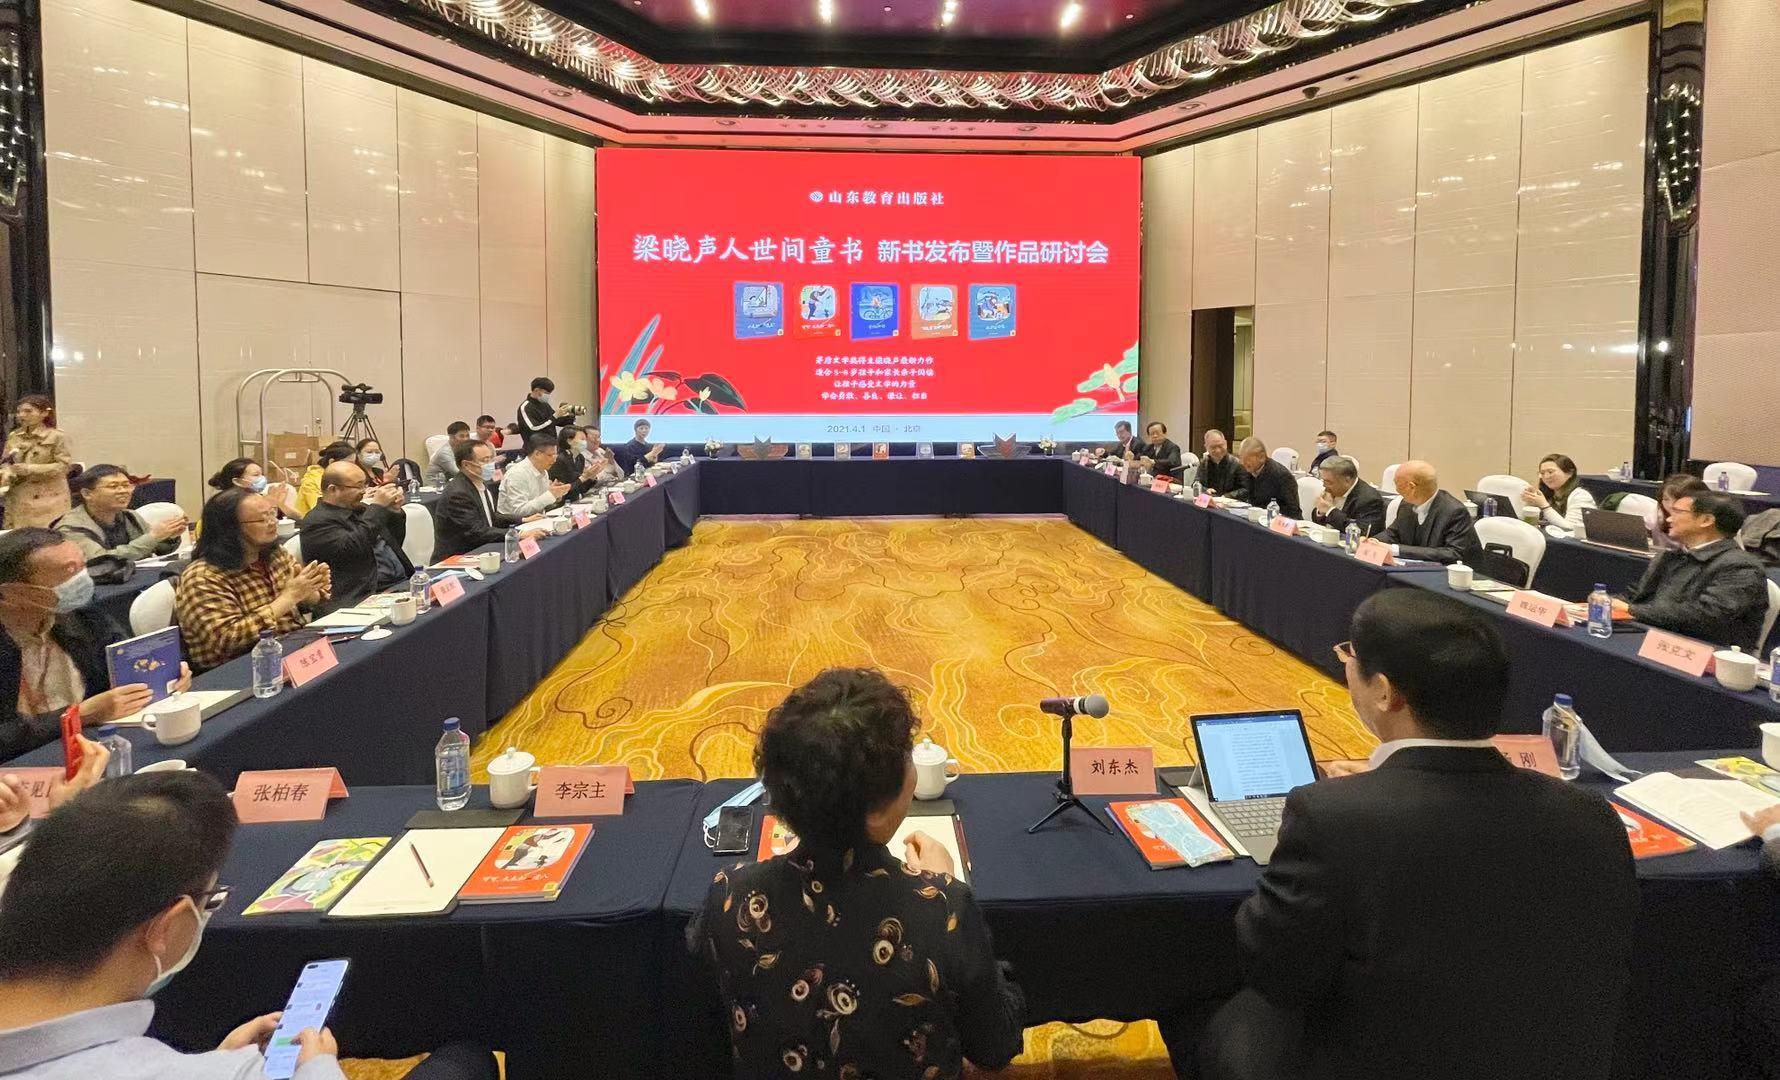 《梁晓声人世间童书》新书发布暨作品研讨会在京召开-出版人杂志官网